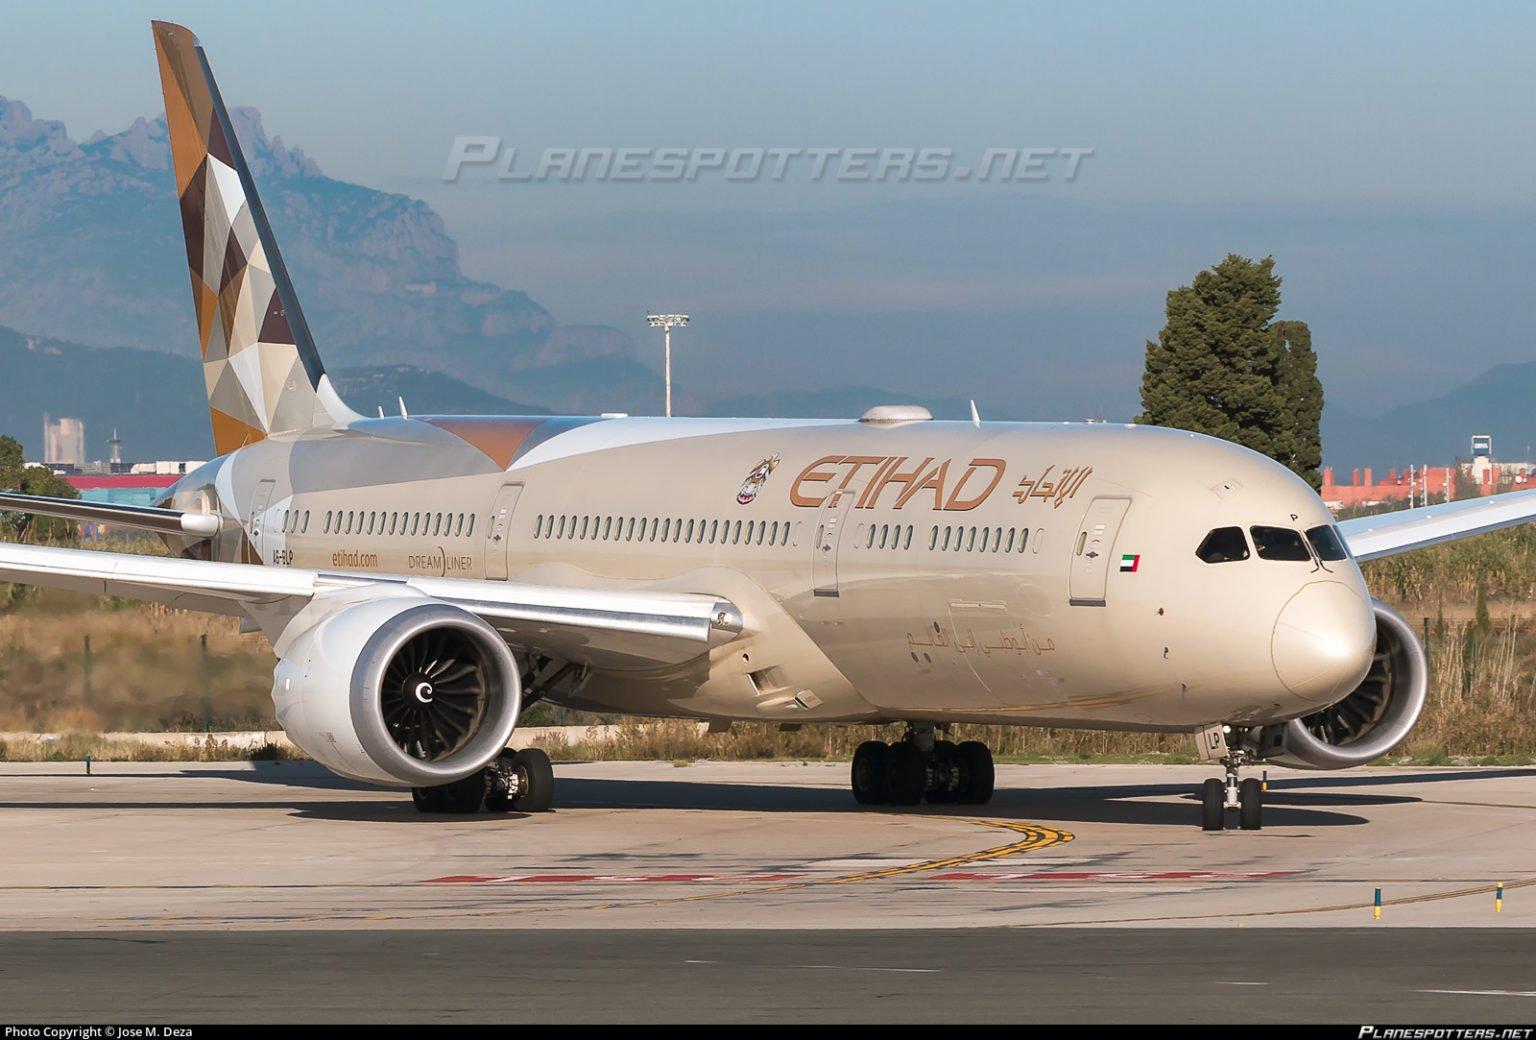 تعرف على رحلات الاتحاد للطيران التي تعمل من أبو ظبي